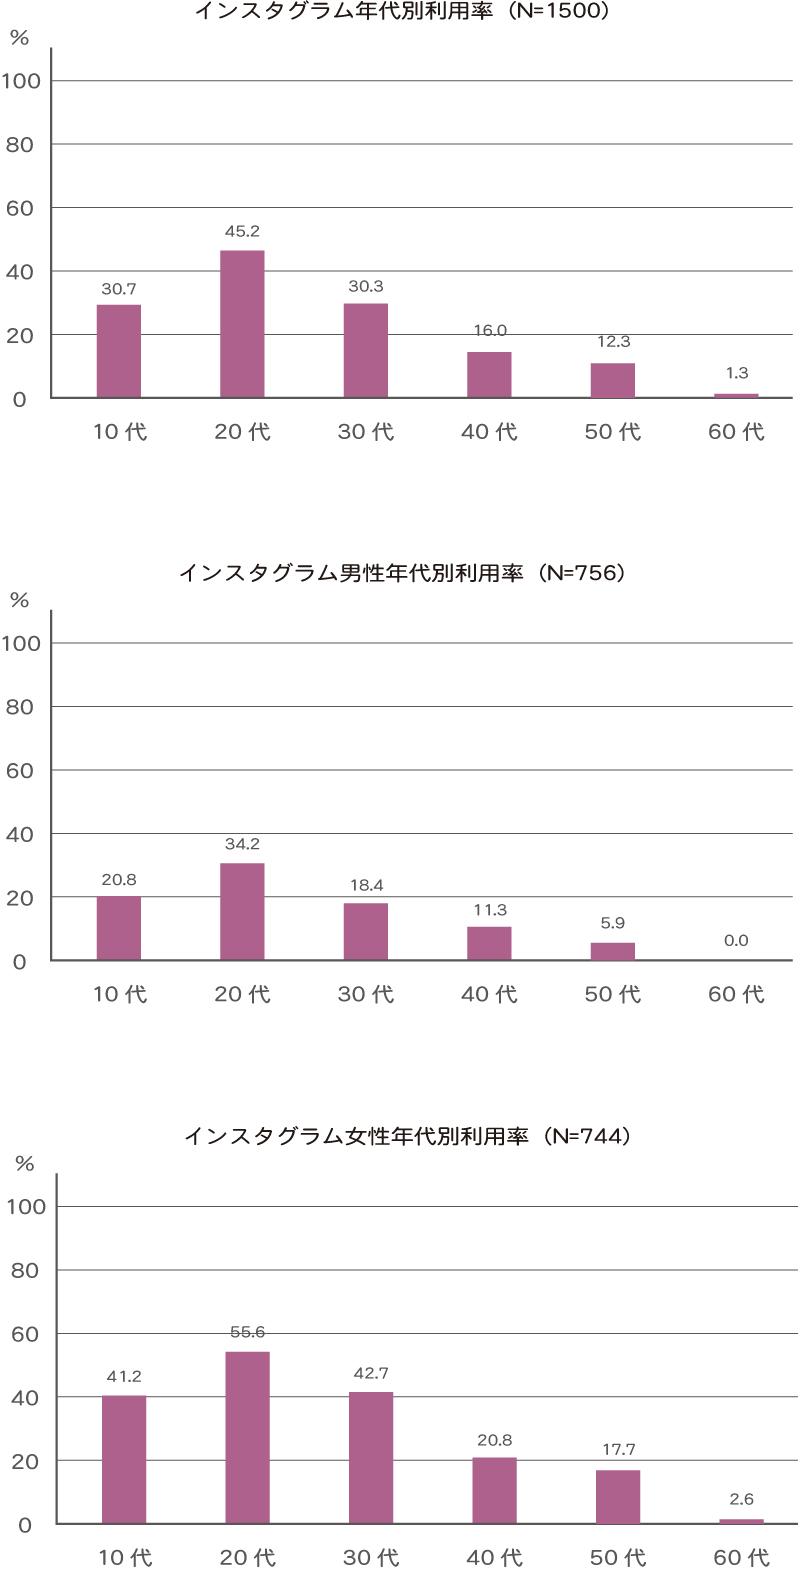 インスタグラム年代別利用率